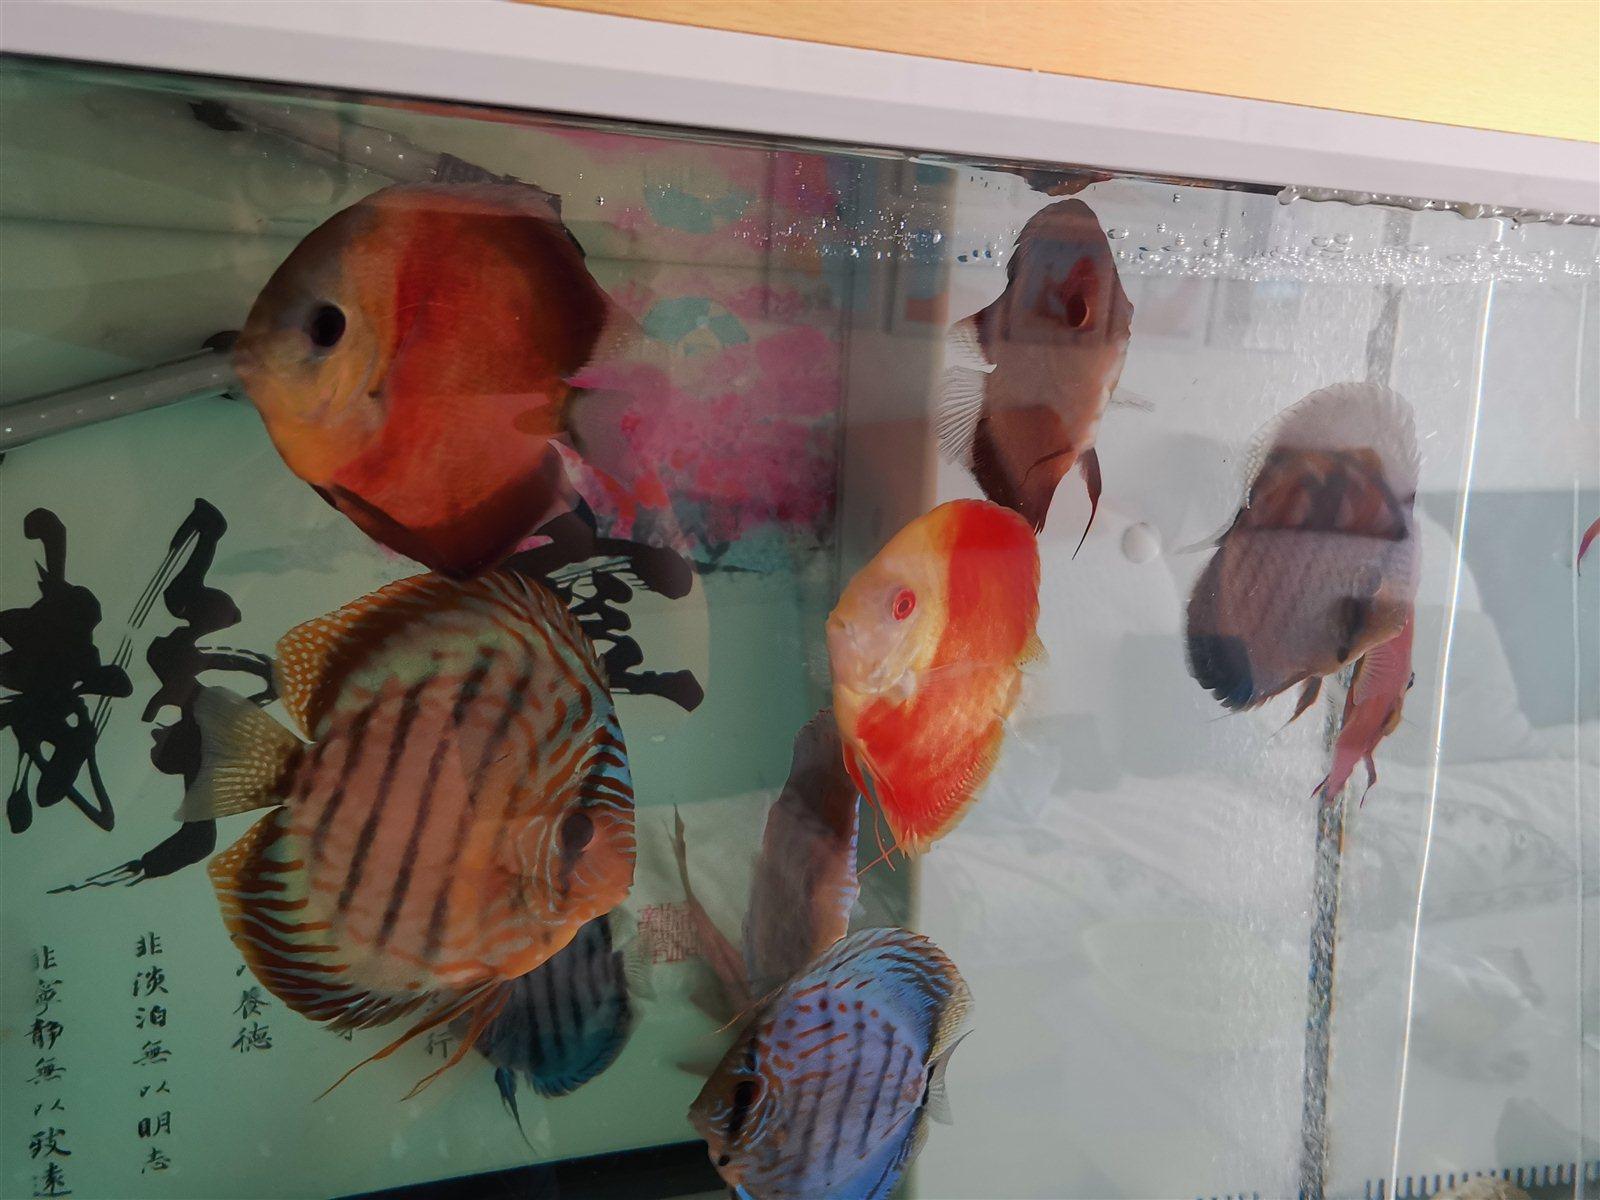 七彩神仙鱼